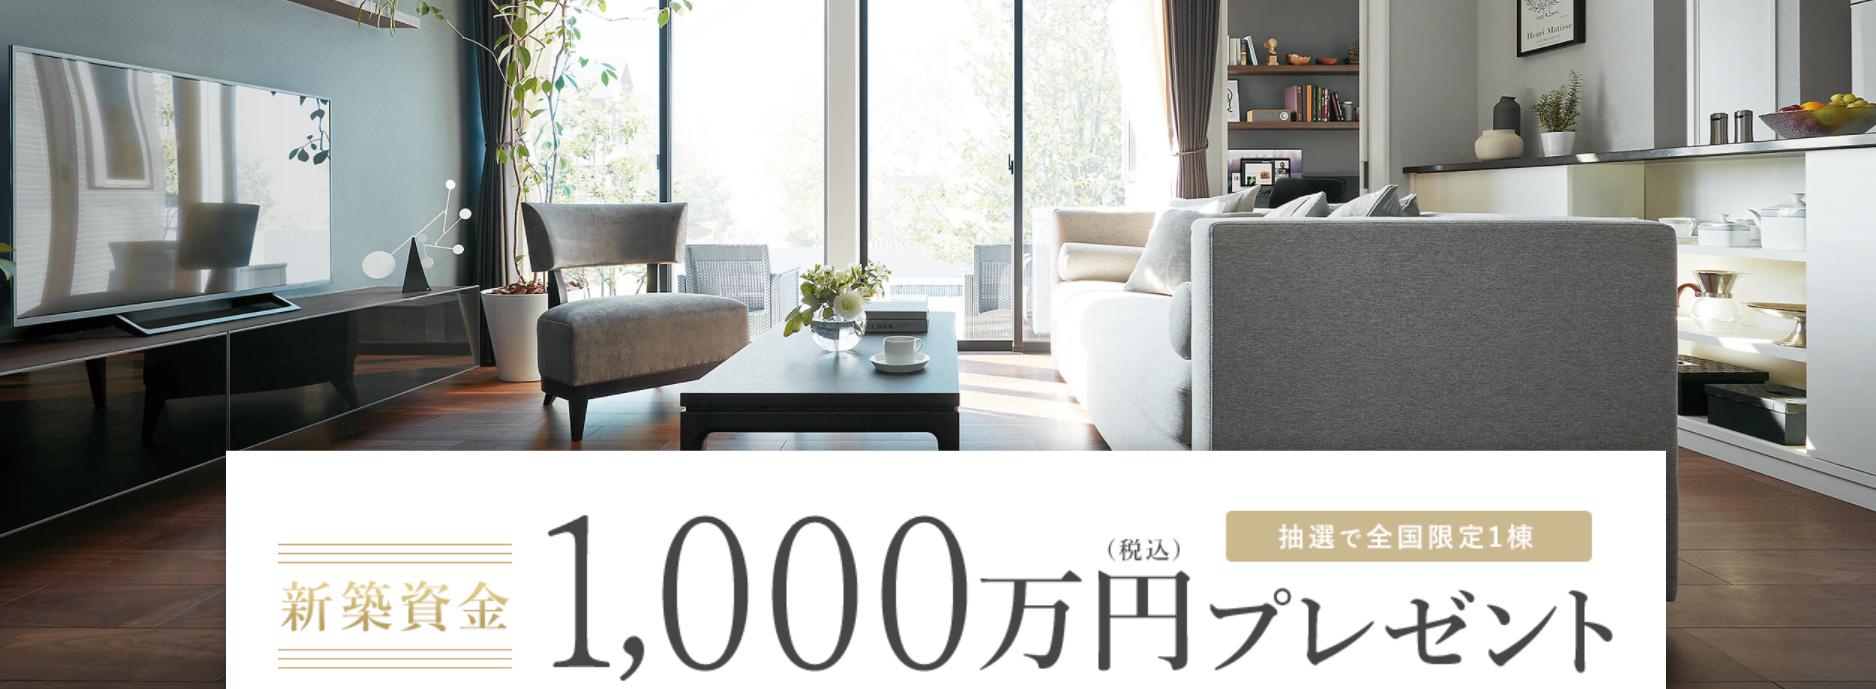 ミサワホーム 1000万円キャンペーン攻略